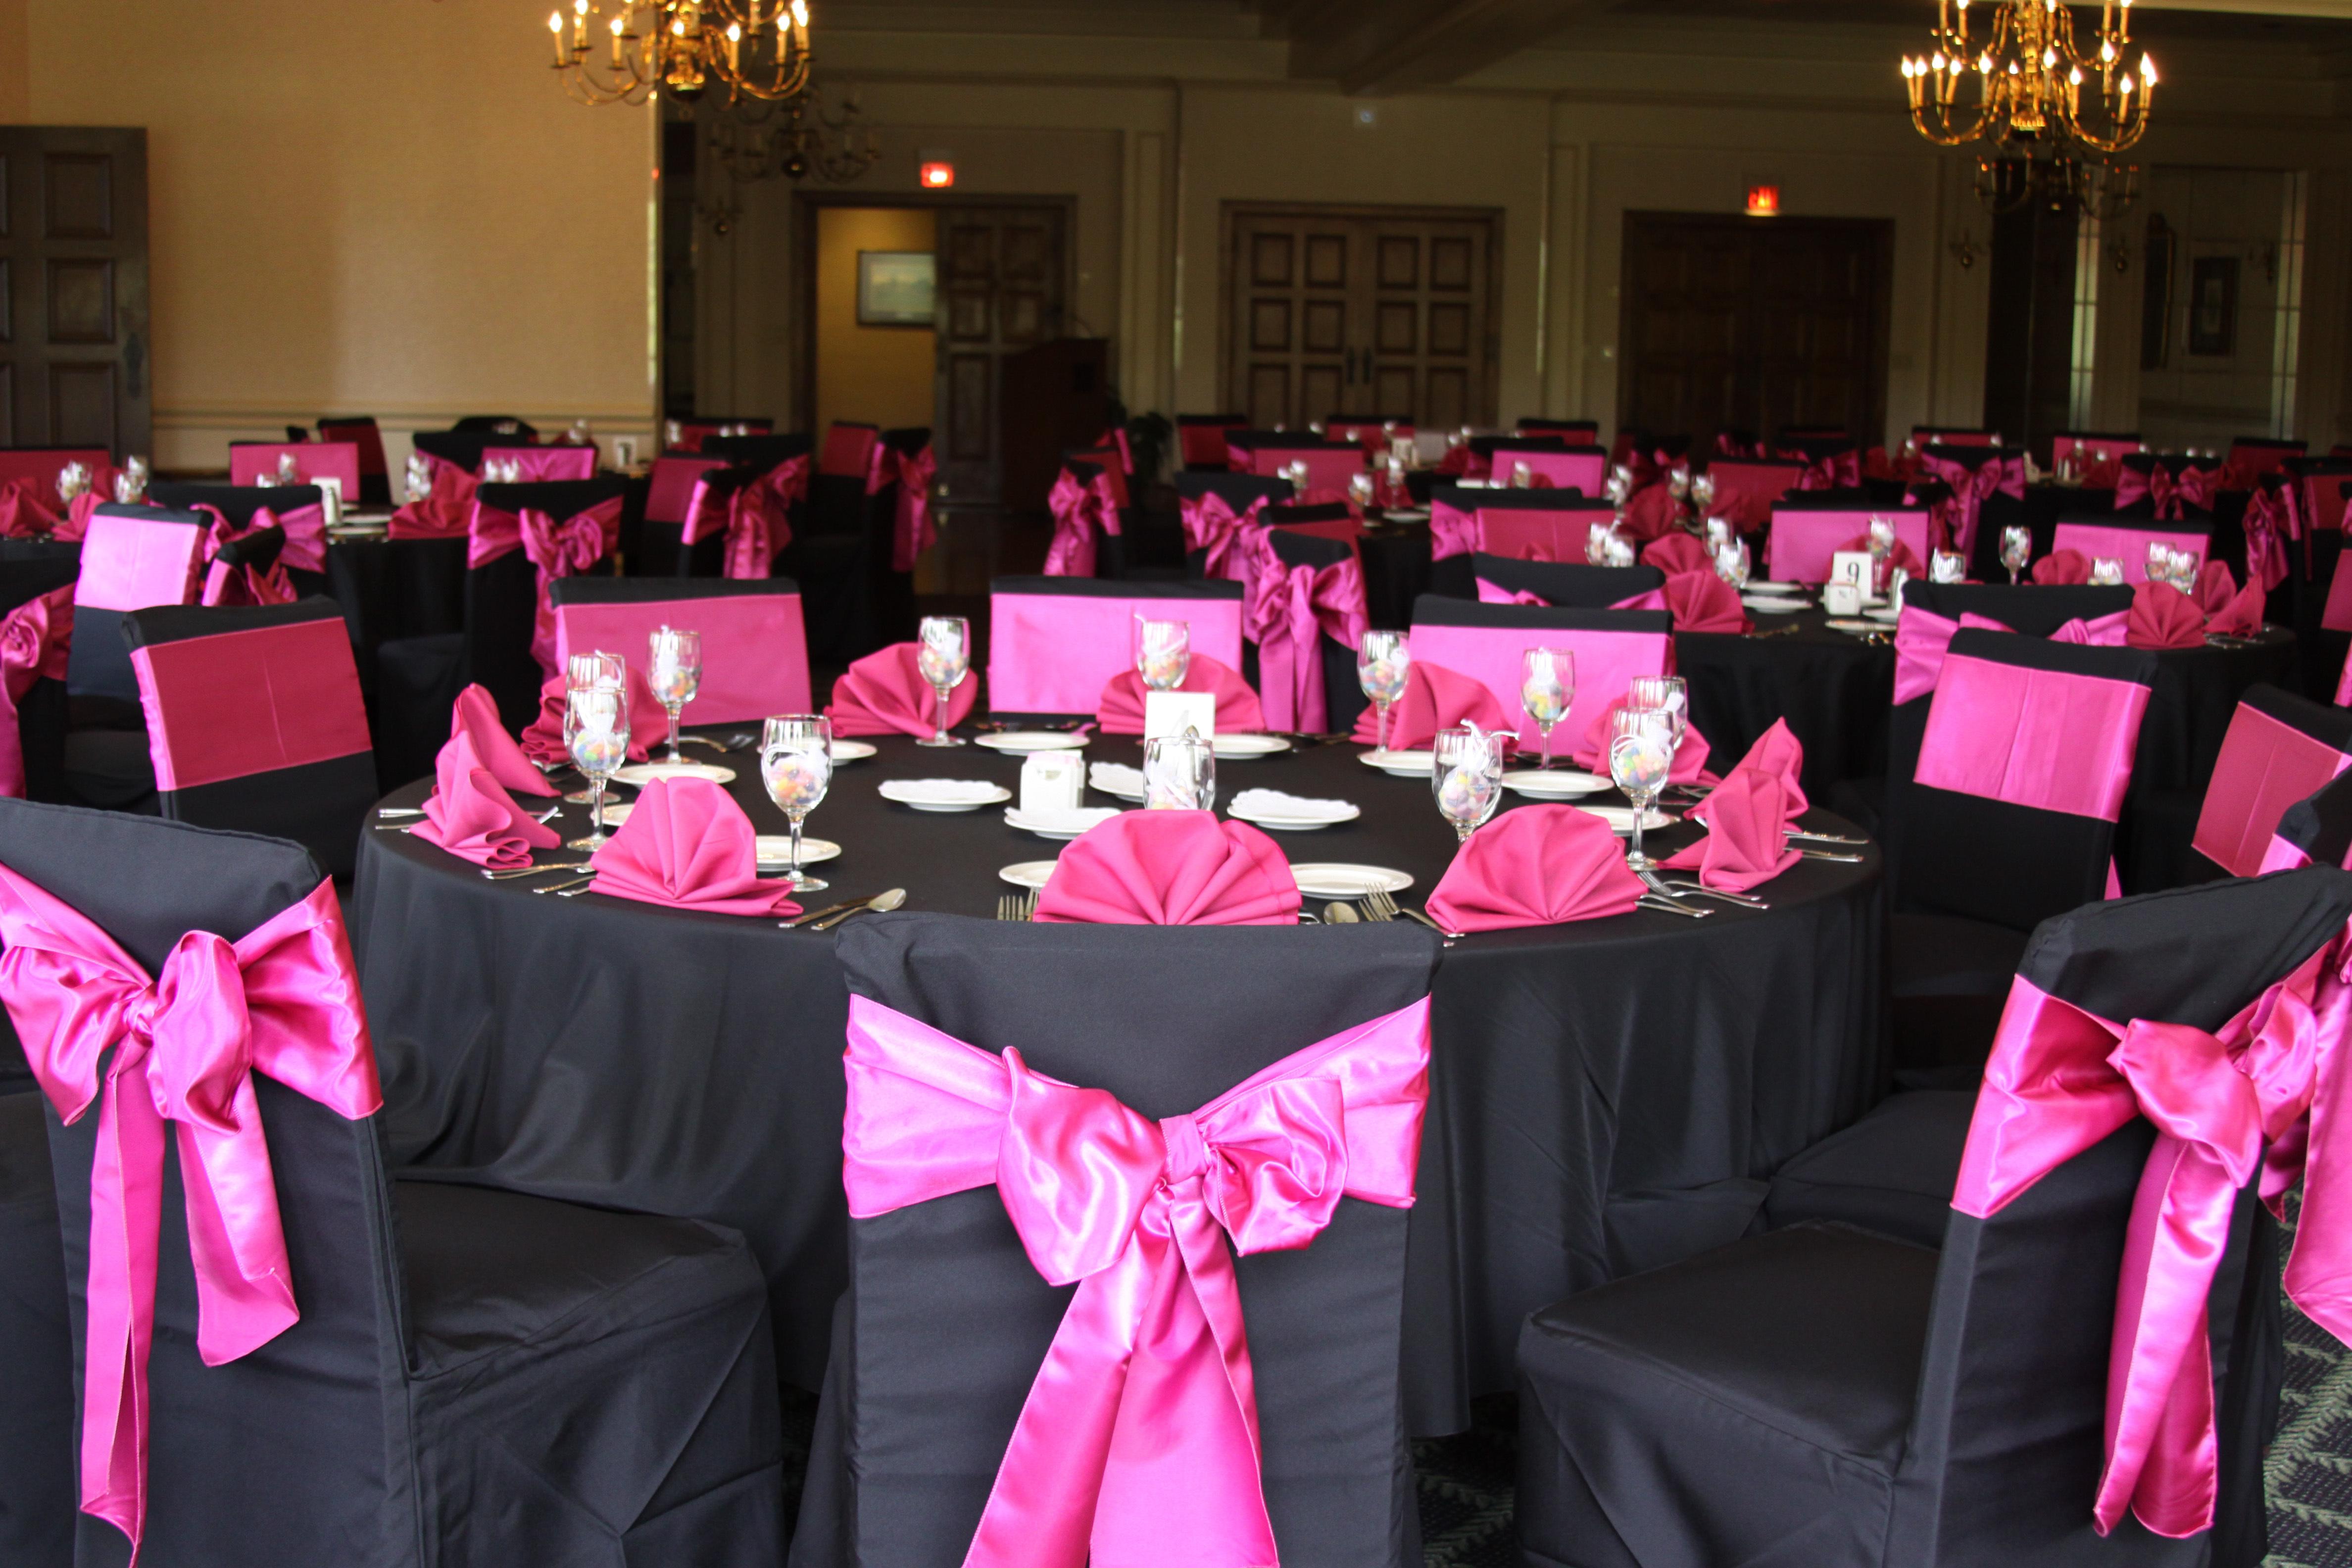 Чехлы для стульев и кресел придают интерьеру праздничный и романтической оттенок, подчеркивают индивидуальность заведения.